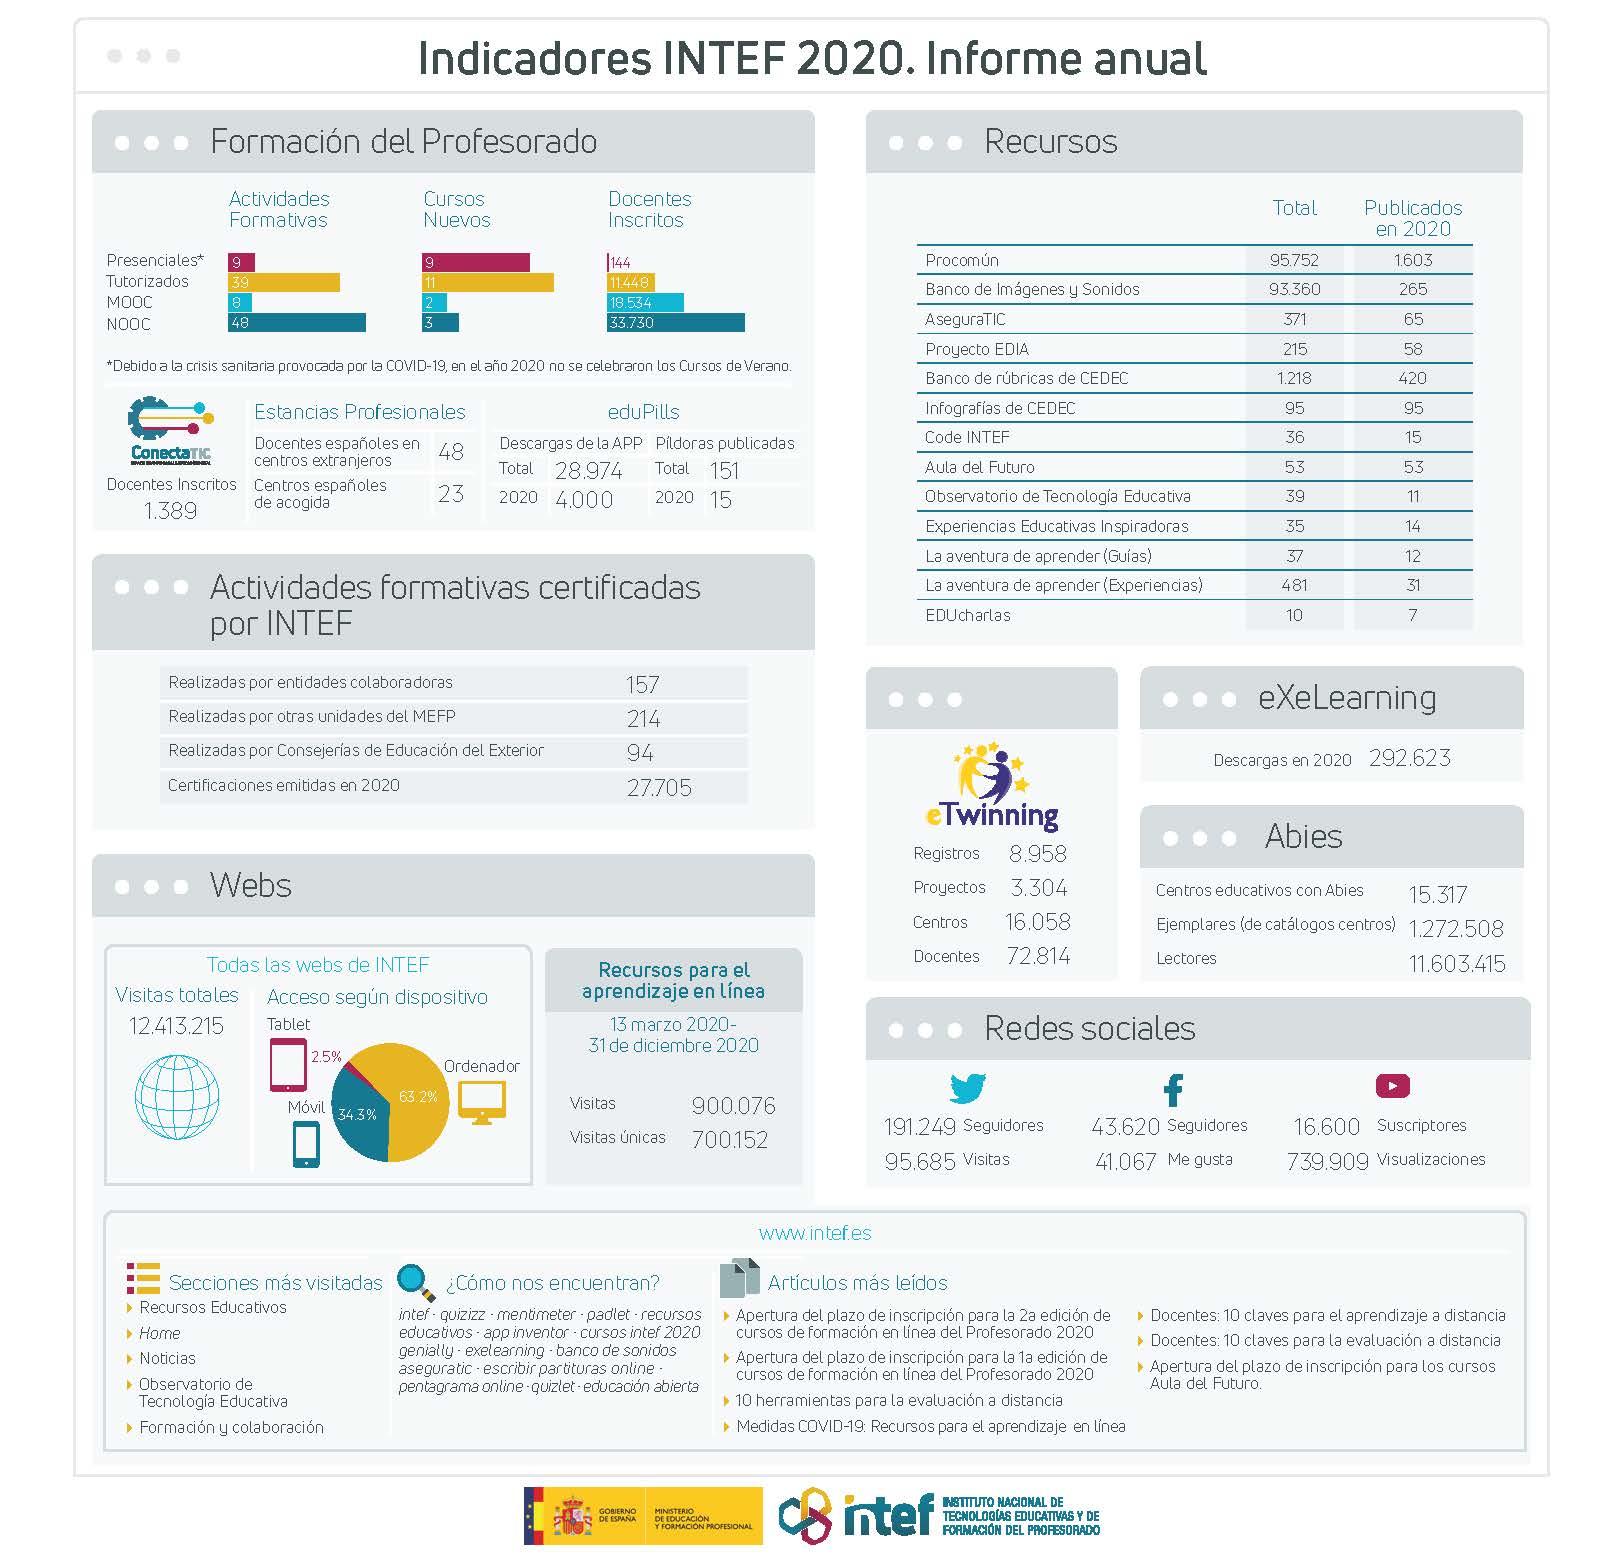 Indicadores INTEF 2020